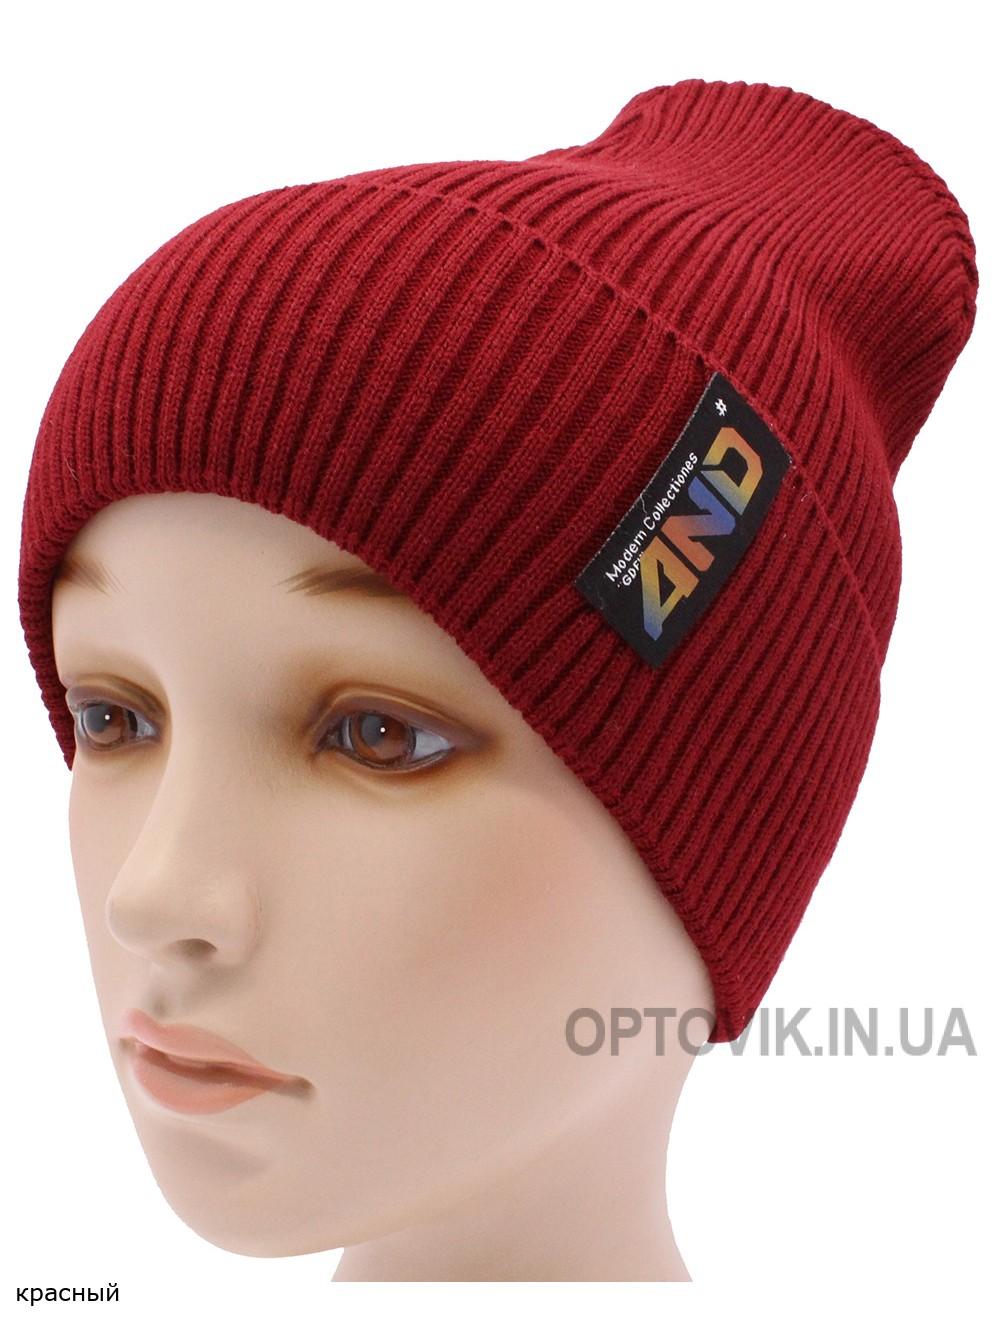 Детская вязаная шапка №011185-54-56